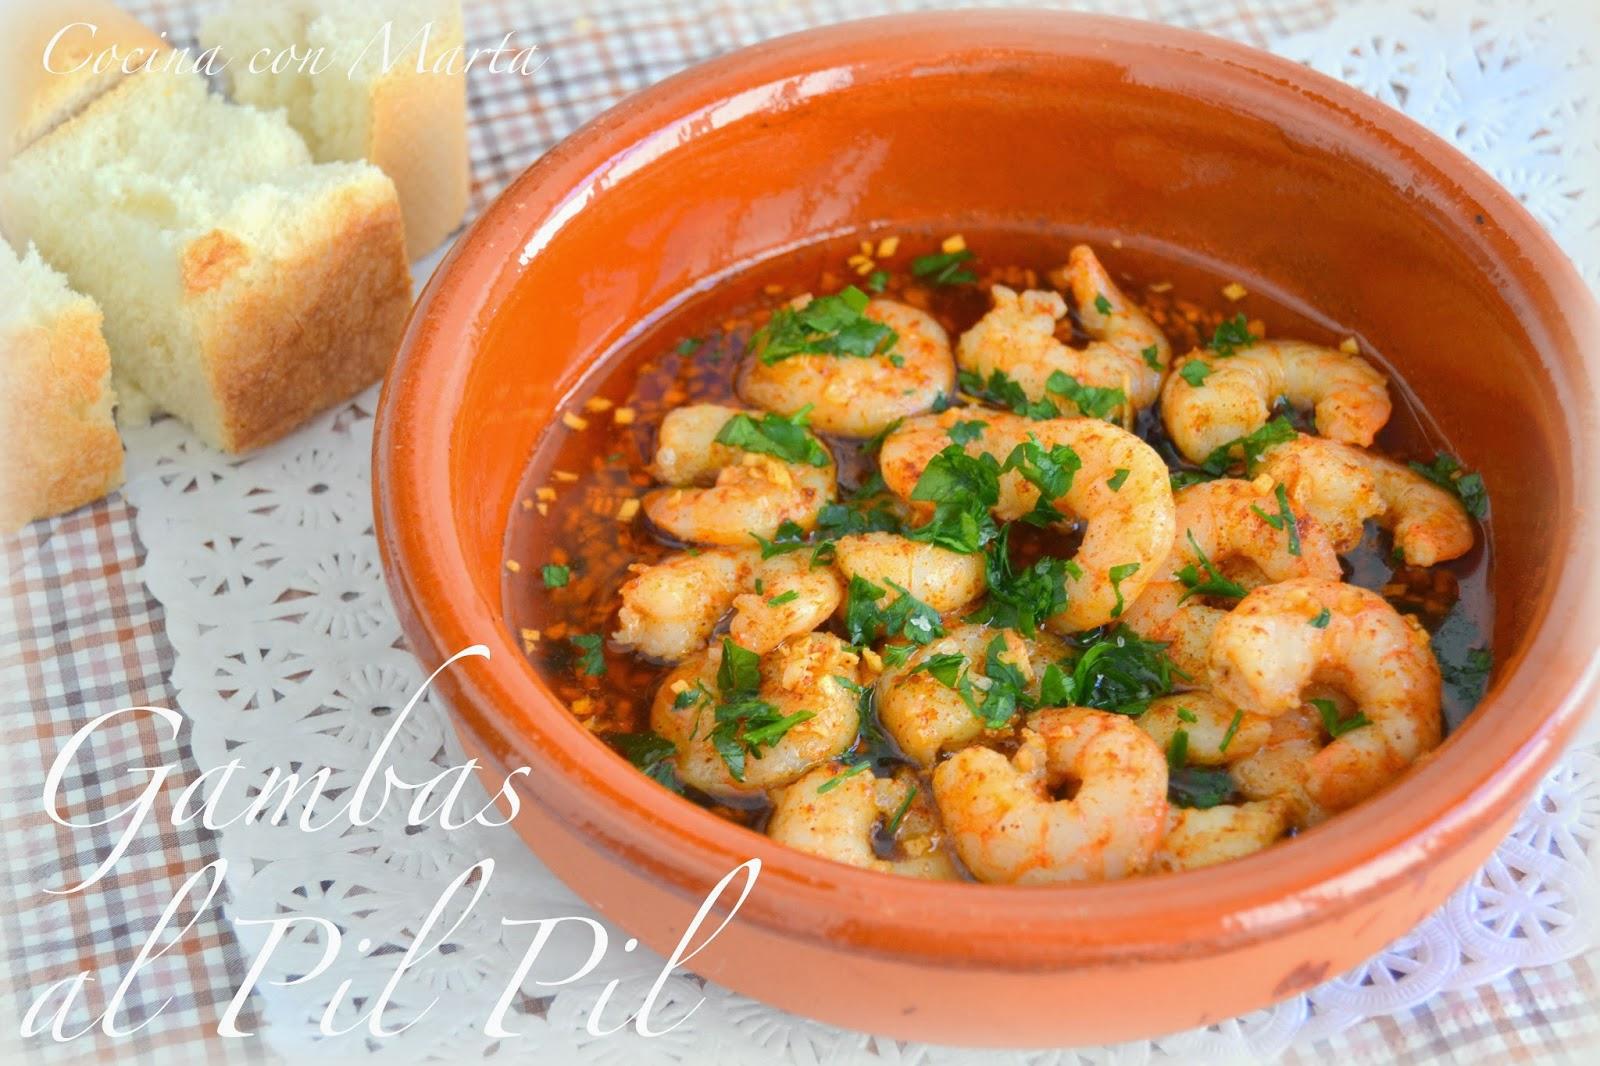 Cocina con marta recetas f ciles r pidas y caseras para for Comidas rapidas caseras